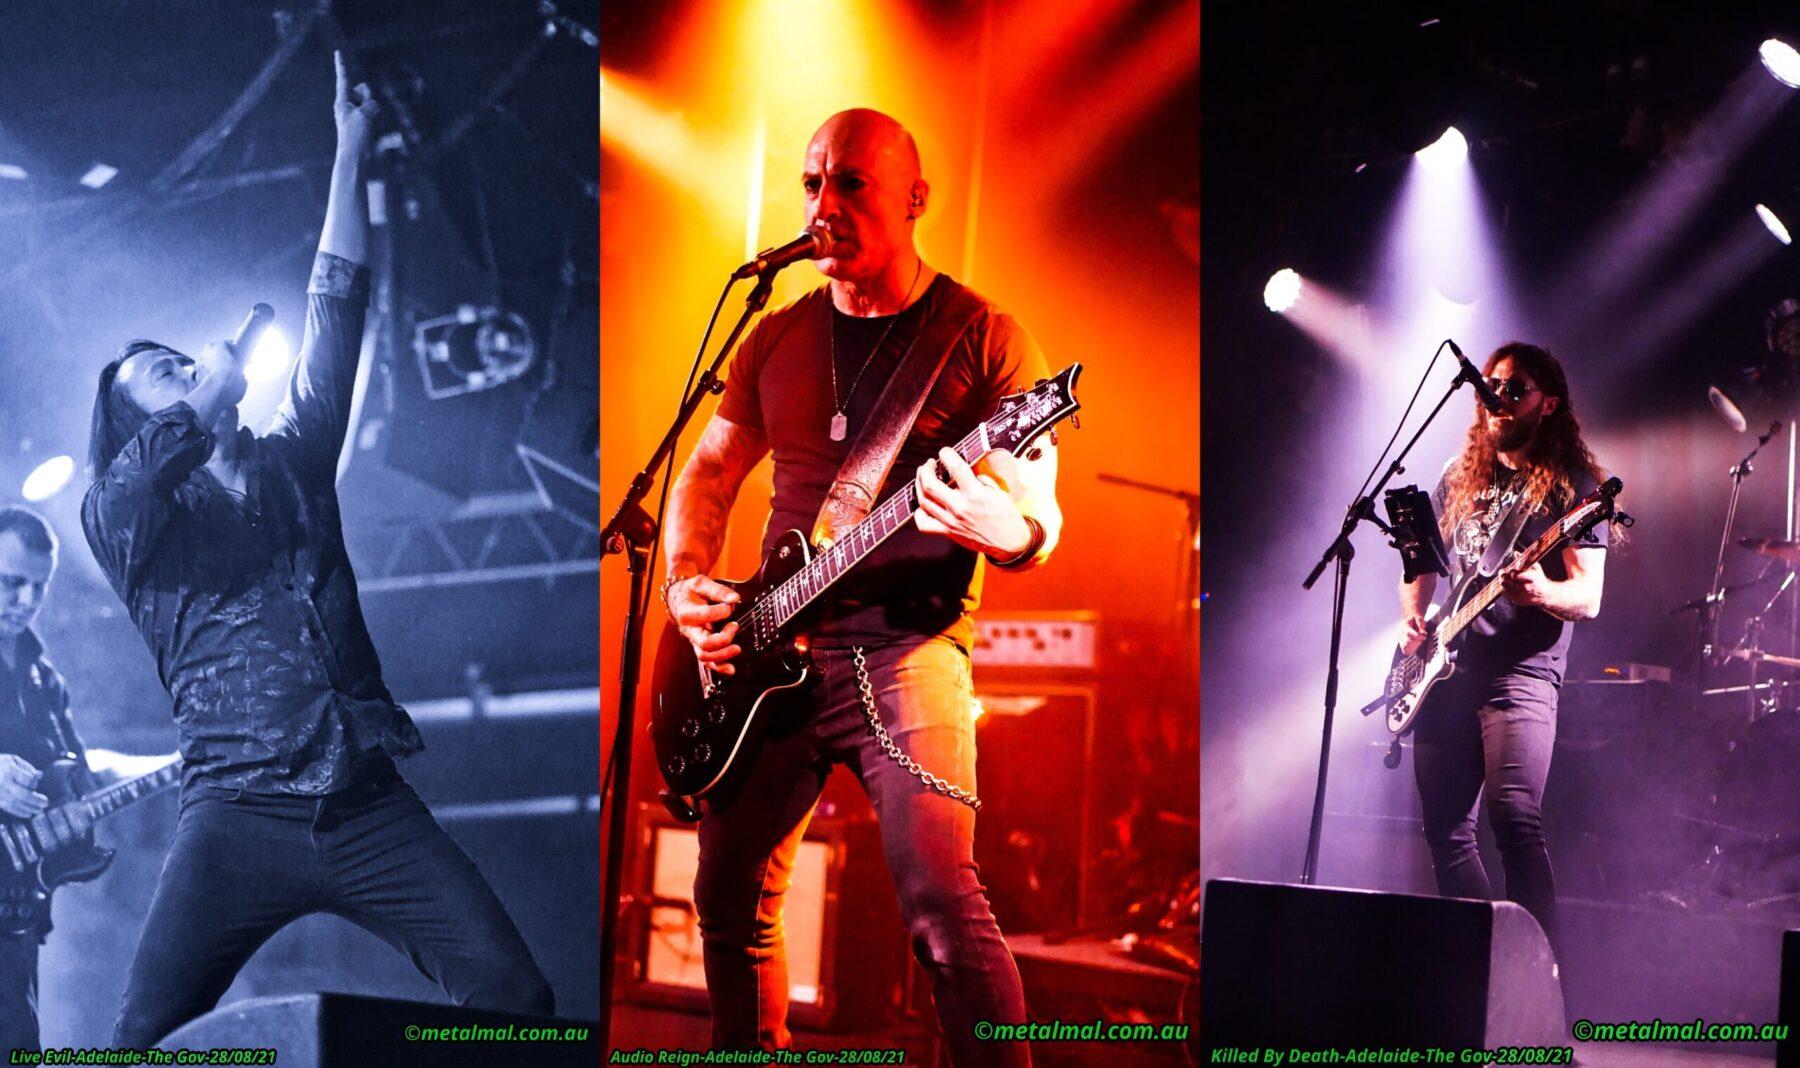 LIVE EVIL / AUDIO REIGN / KILLED BY DEATH gig photos.